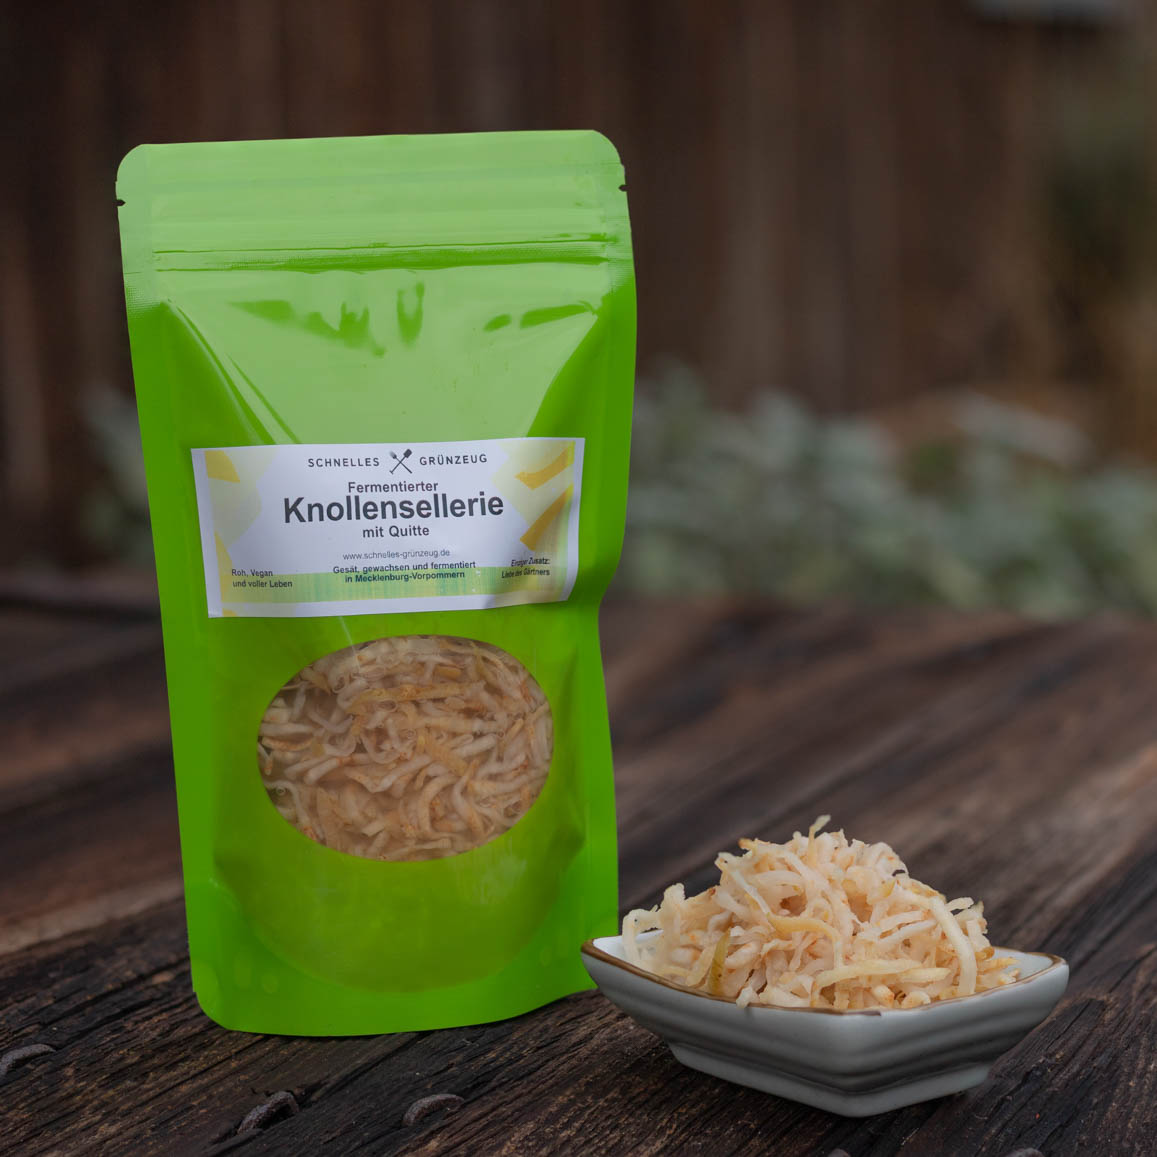 Fermentiertes Gemüse von Schnelles Grünzeug, hier fermentierter Sellerie mit Quitte